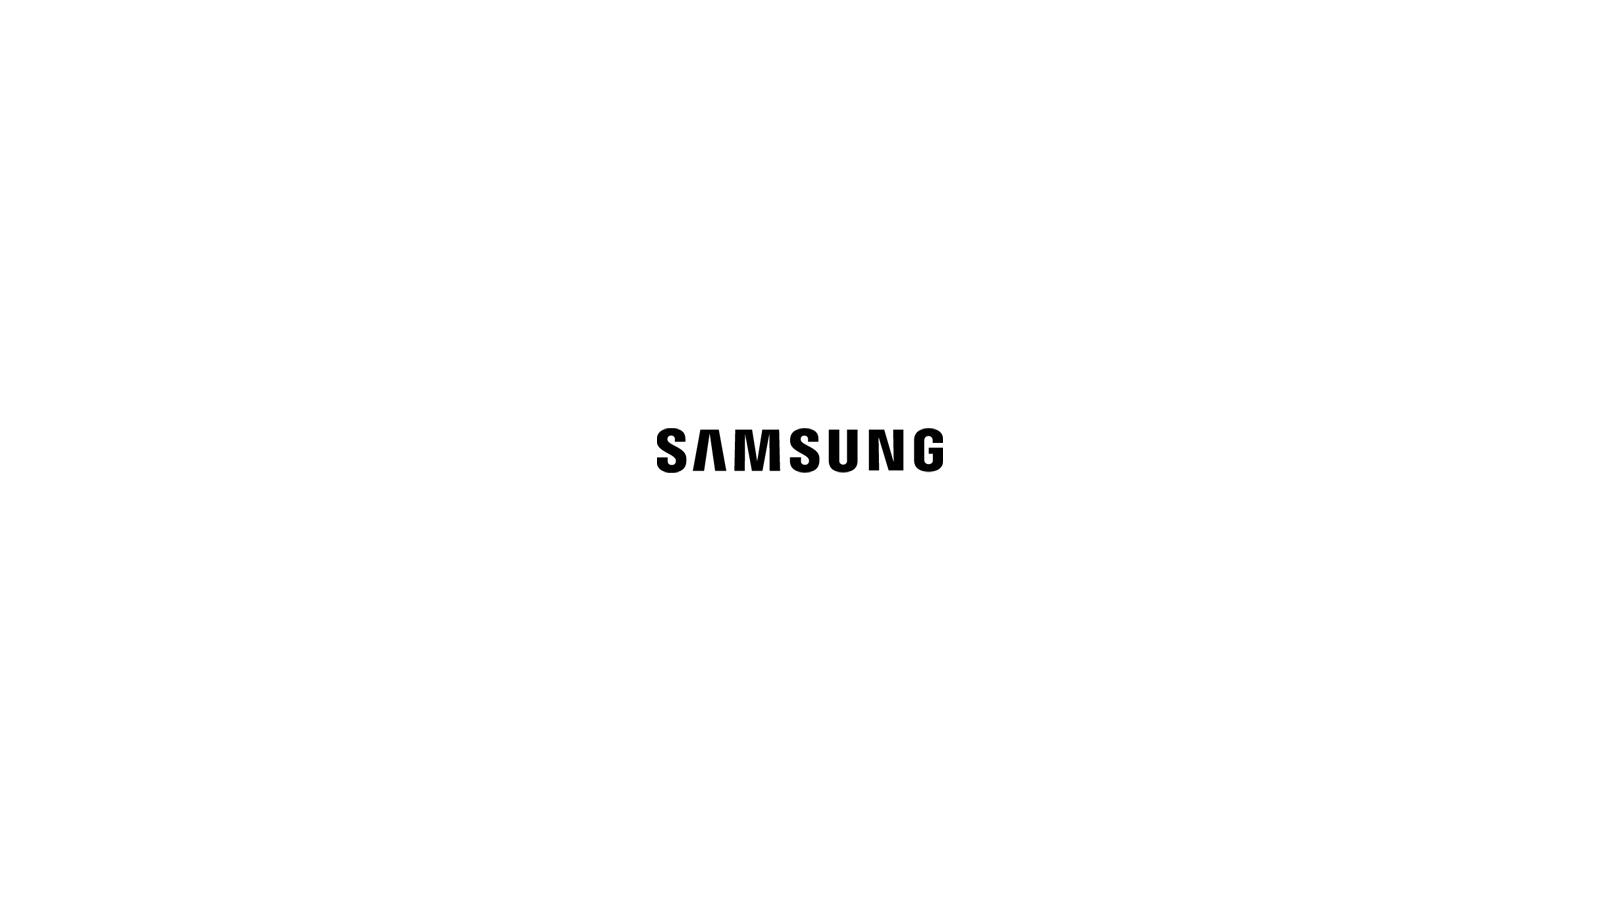 Samsung Global